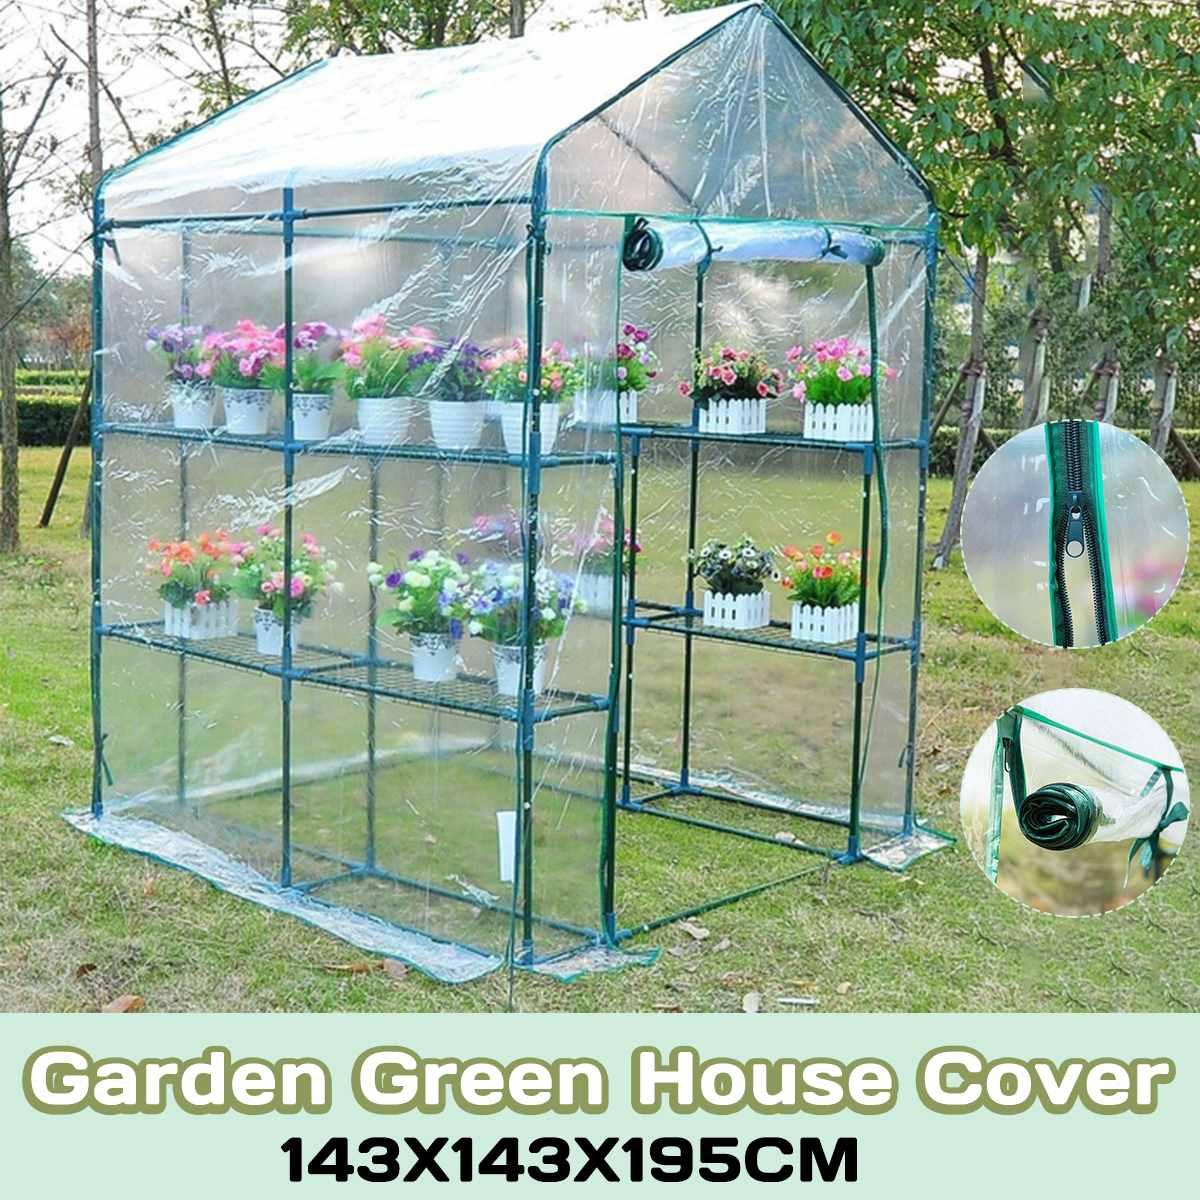 Serre Portable 3 niveaux 6 étagères couverture PVC jardin couverture plantes maison de fleurs imperméable résistant à la Corrosion 143X143X195 cm